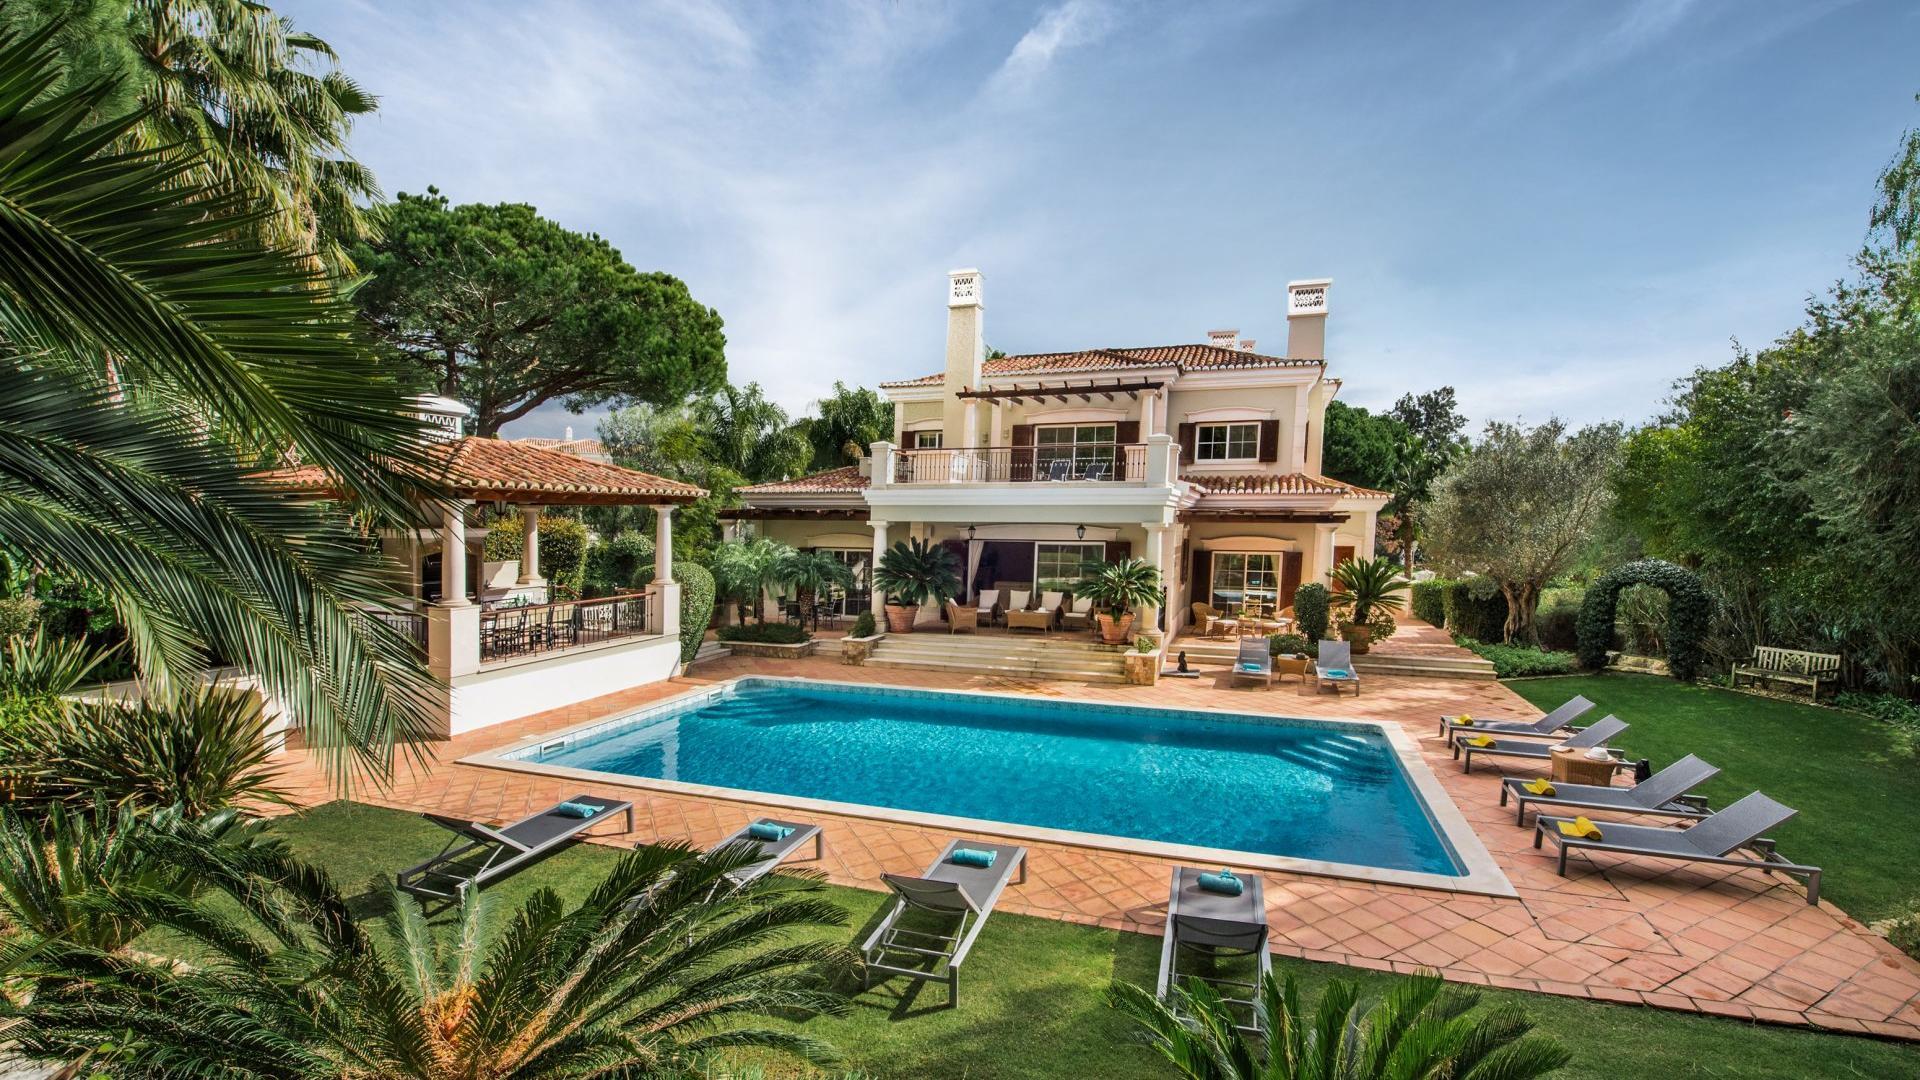 Villa Planalto - Quinta do Lago, Algarve - Planalto-14-17.jpg